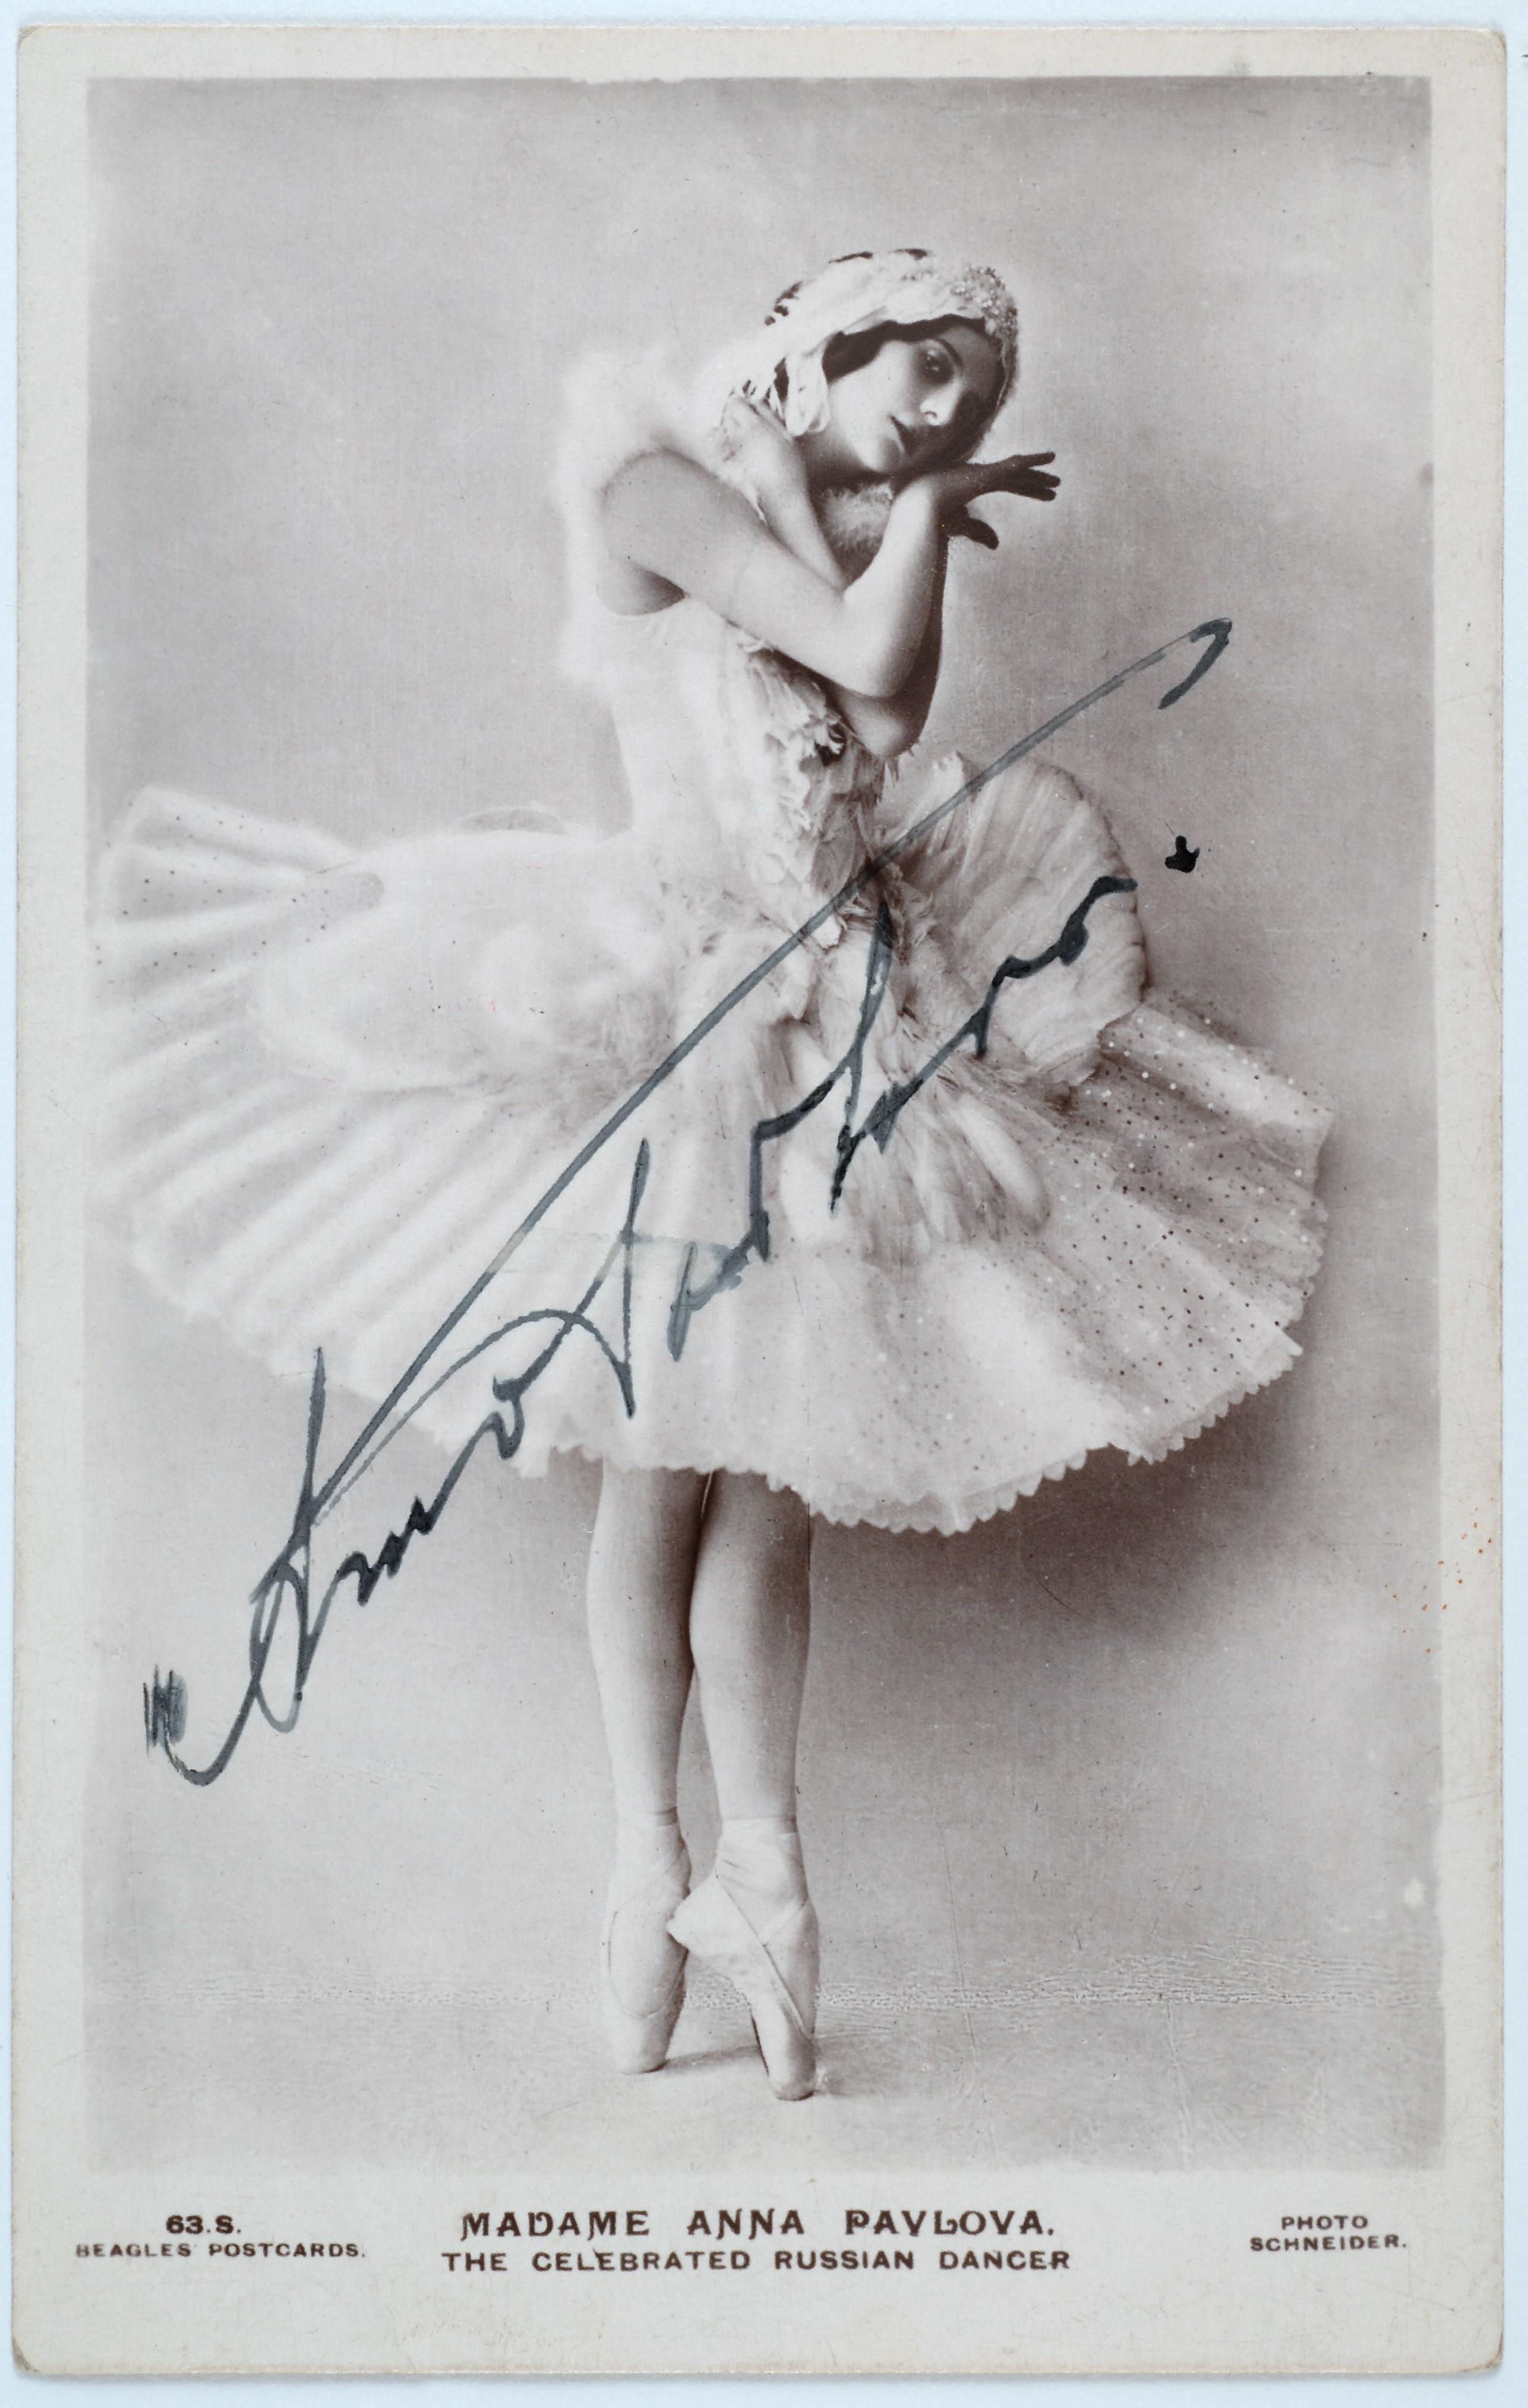 アンナ・パヴロワ 『瀕死の白鳥』1905年 (C) 兵庫県立芸術文化センター